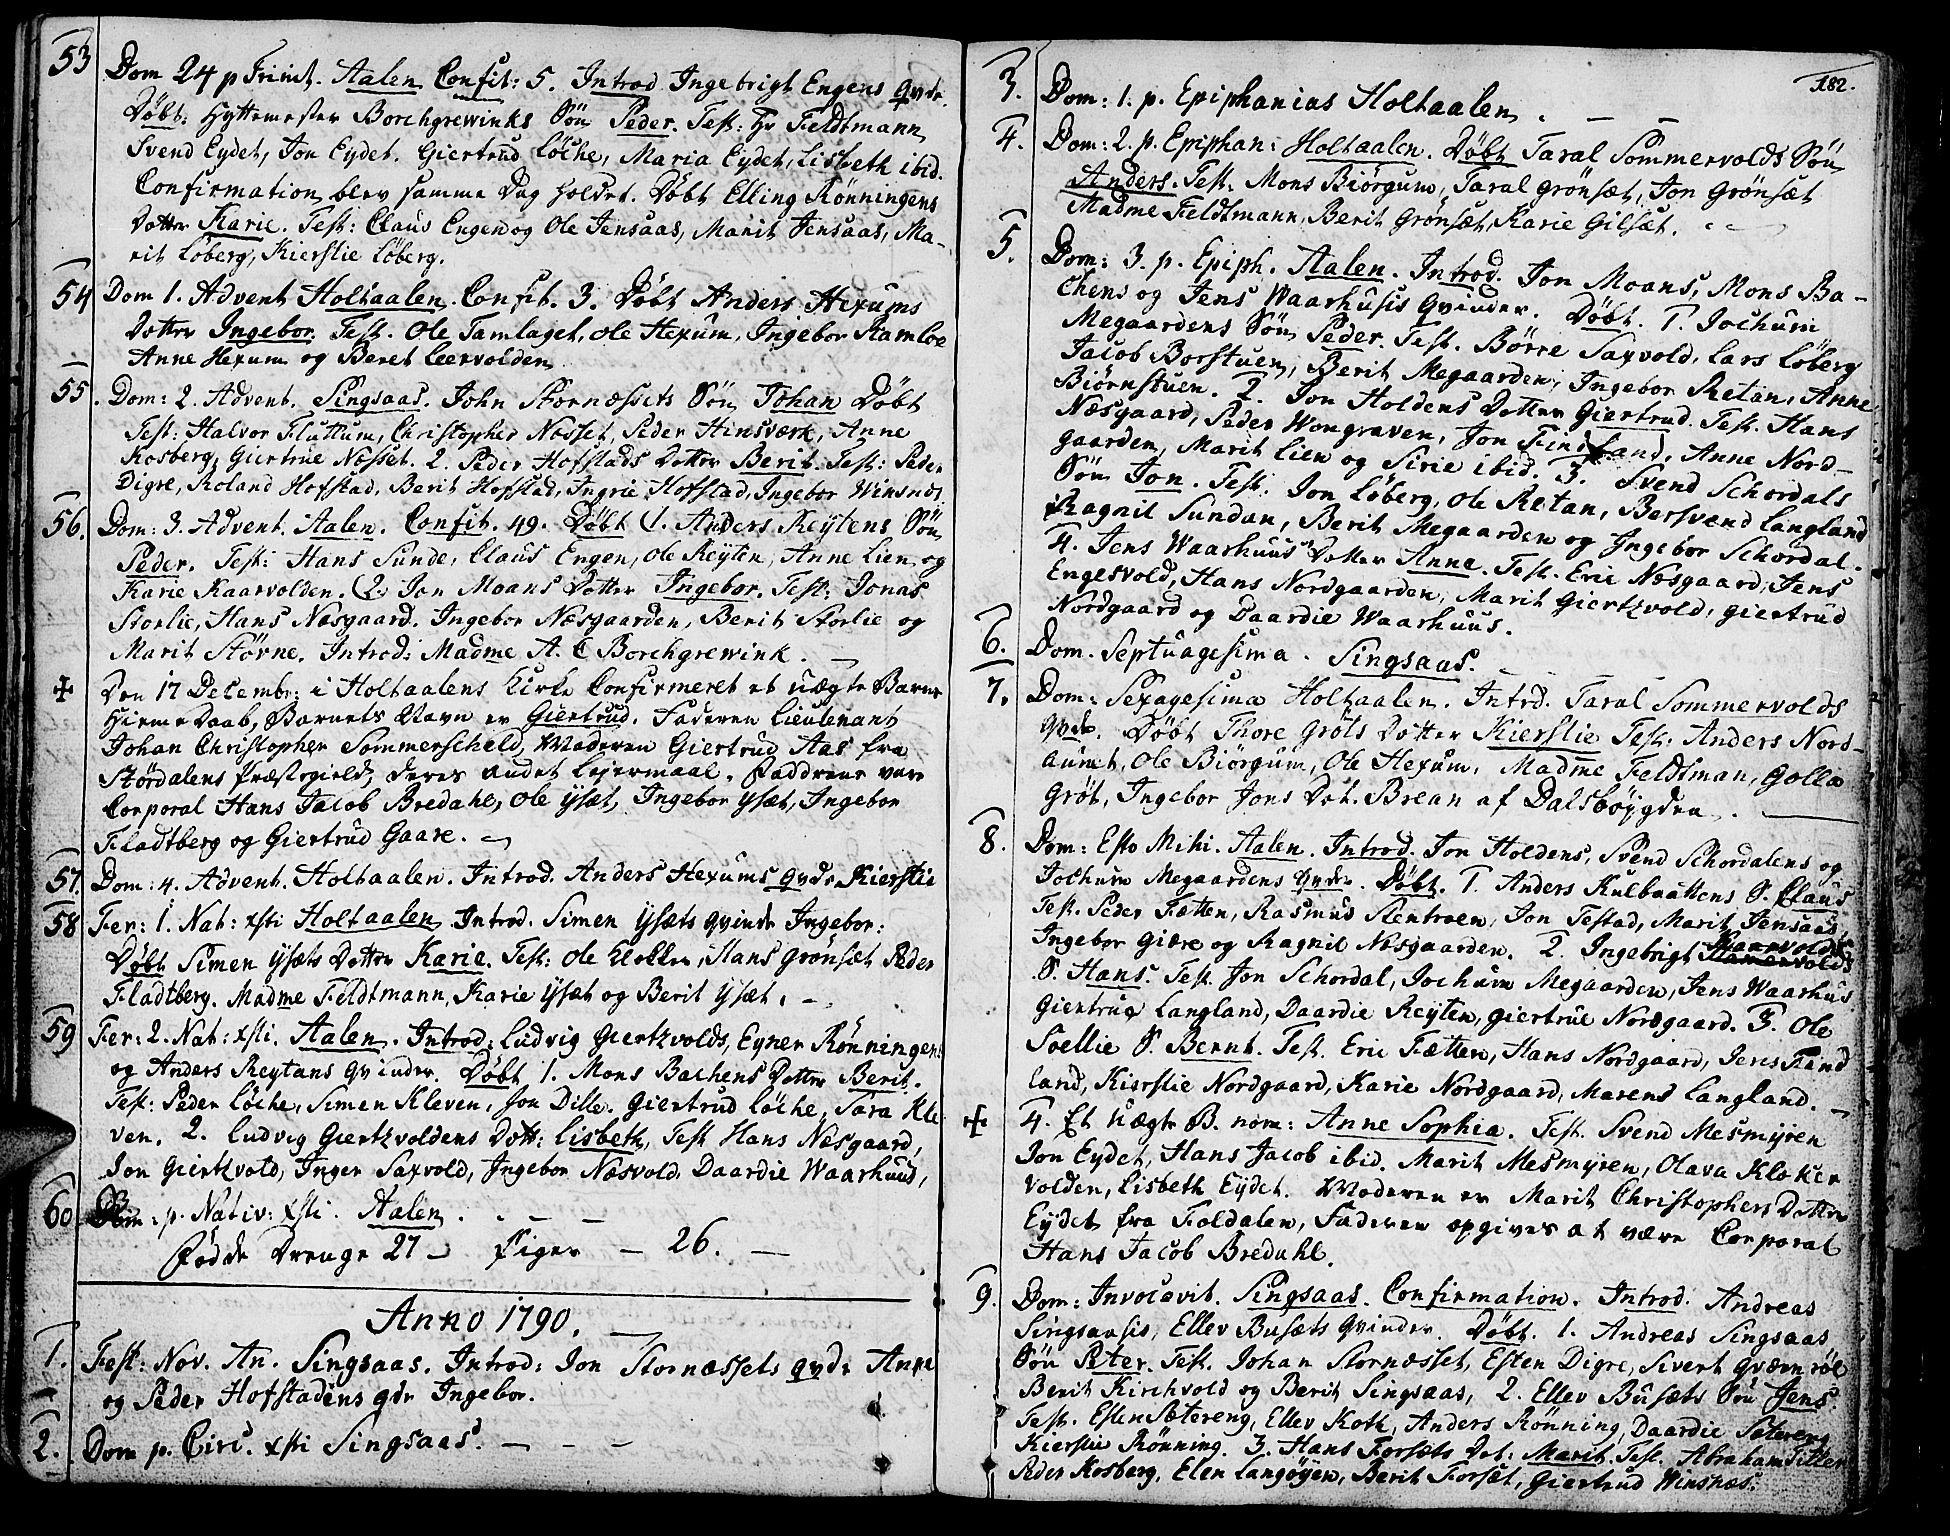 SAT, Ministerialprotokoller, klokkerbøker og fødselsregistre - Sør-Trøndelag, 685/L0952: Ministerialbok nr. 685A01, 1745-1804, s. 182